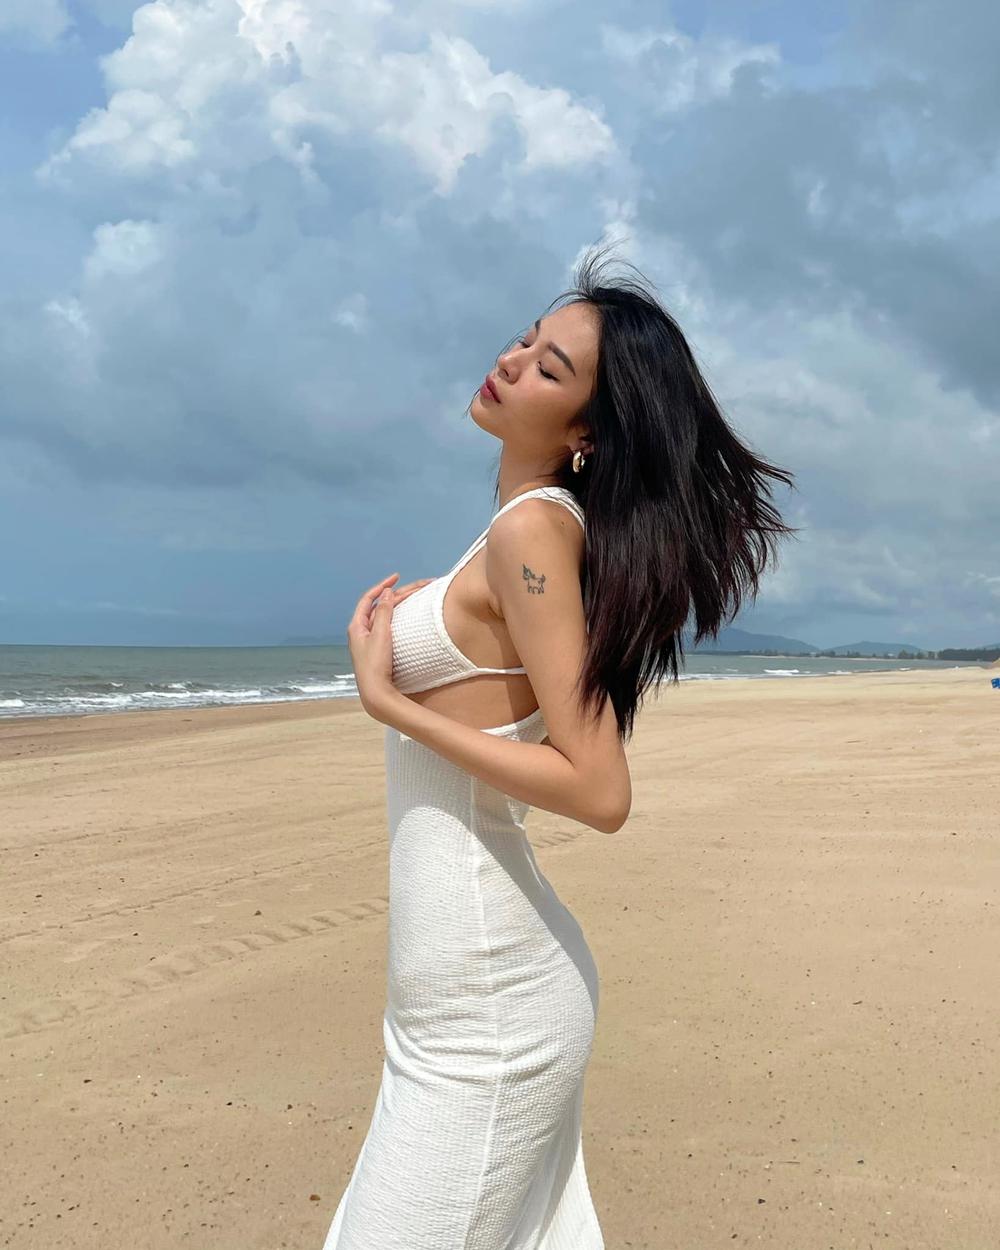 Phí Phương Anh khoe body cực kỳ nóng bỏng - Ảnh 10.